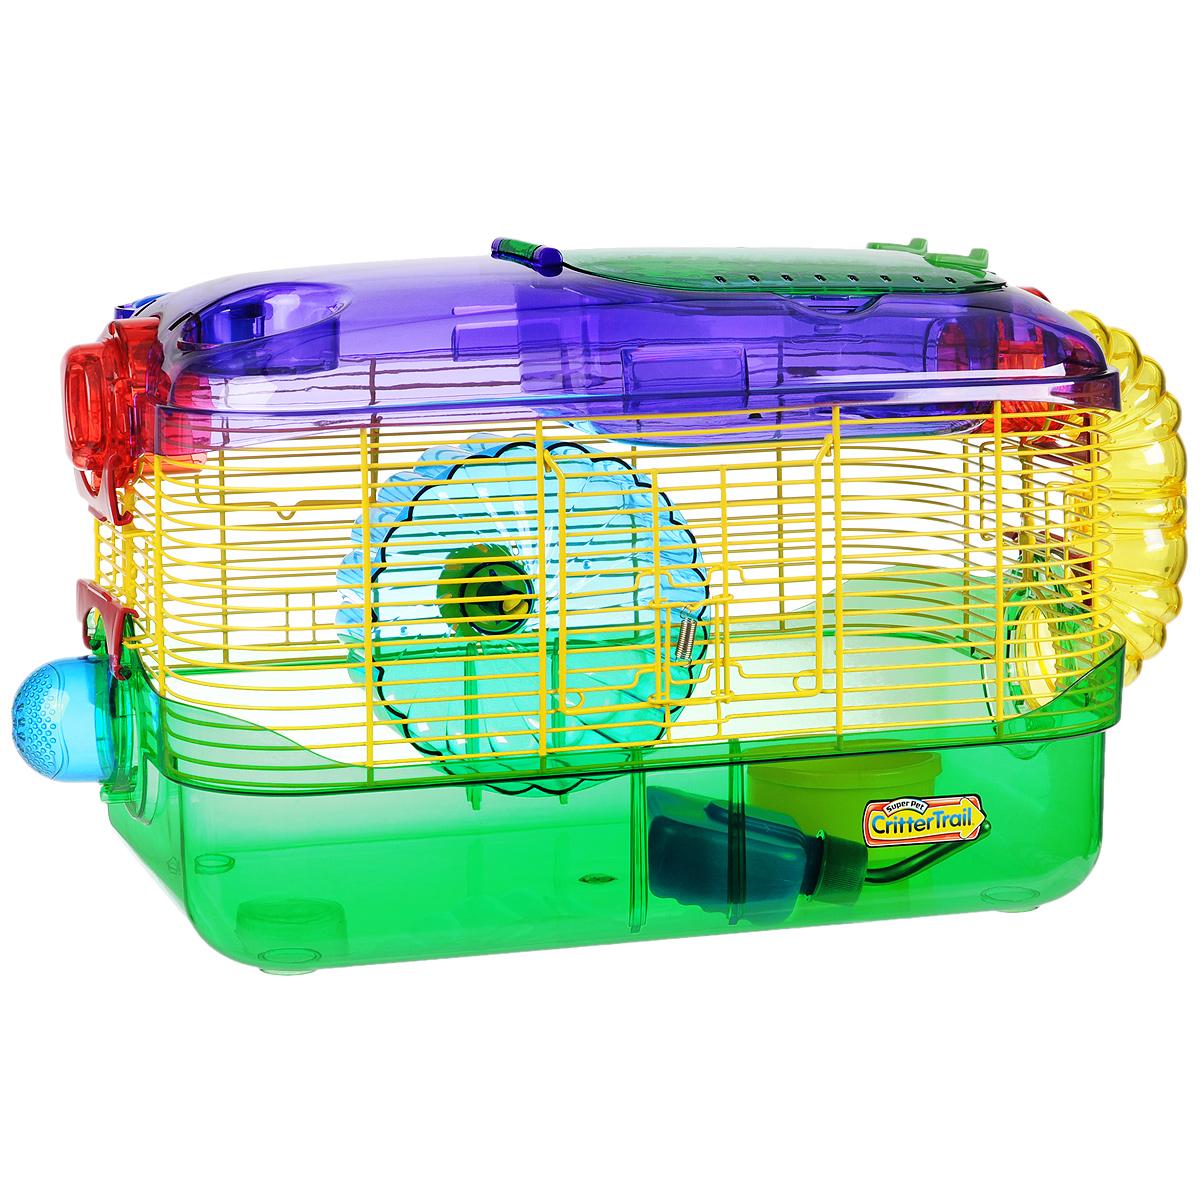 Клетка для грызунов I.P.T.S. One, с игровым комплексом, 41 см х 27 см х 28 см24875Яркая цветная клетка снабжена всем необходимым для отдыха и активной жизни грызунов. Подходит для мышей, песчанок, хомяков. Клетка оборудована колесом для подвижных игр, специальной трубой для передвижения, кормушкой и поилкой. Есть отдельный этаж, который будет служить местом для отдыха. Клетка выполнена из прозрачного пластика. Надежно закрывается на защелки. Такая клетка станет уединенным личным пространством и уютным домиком для маленького грызуна. Высота стенки поддона: 8,5 см.